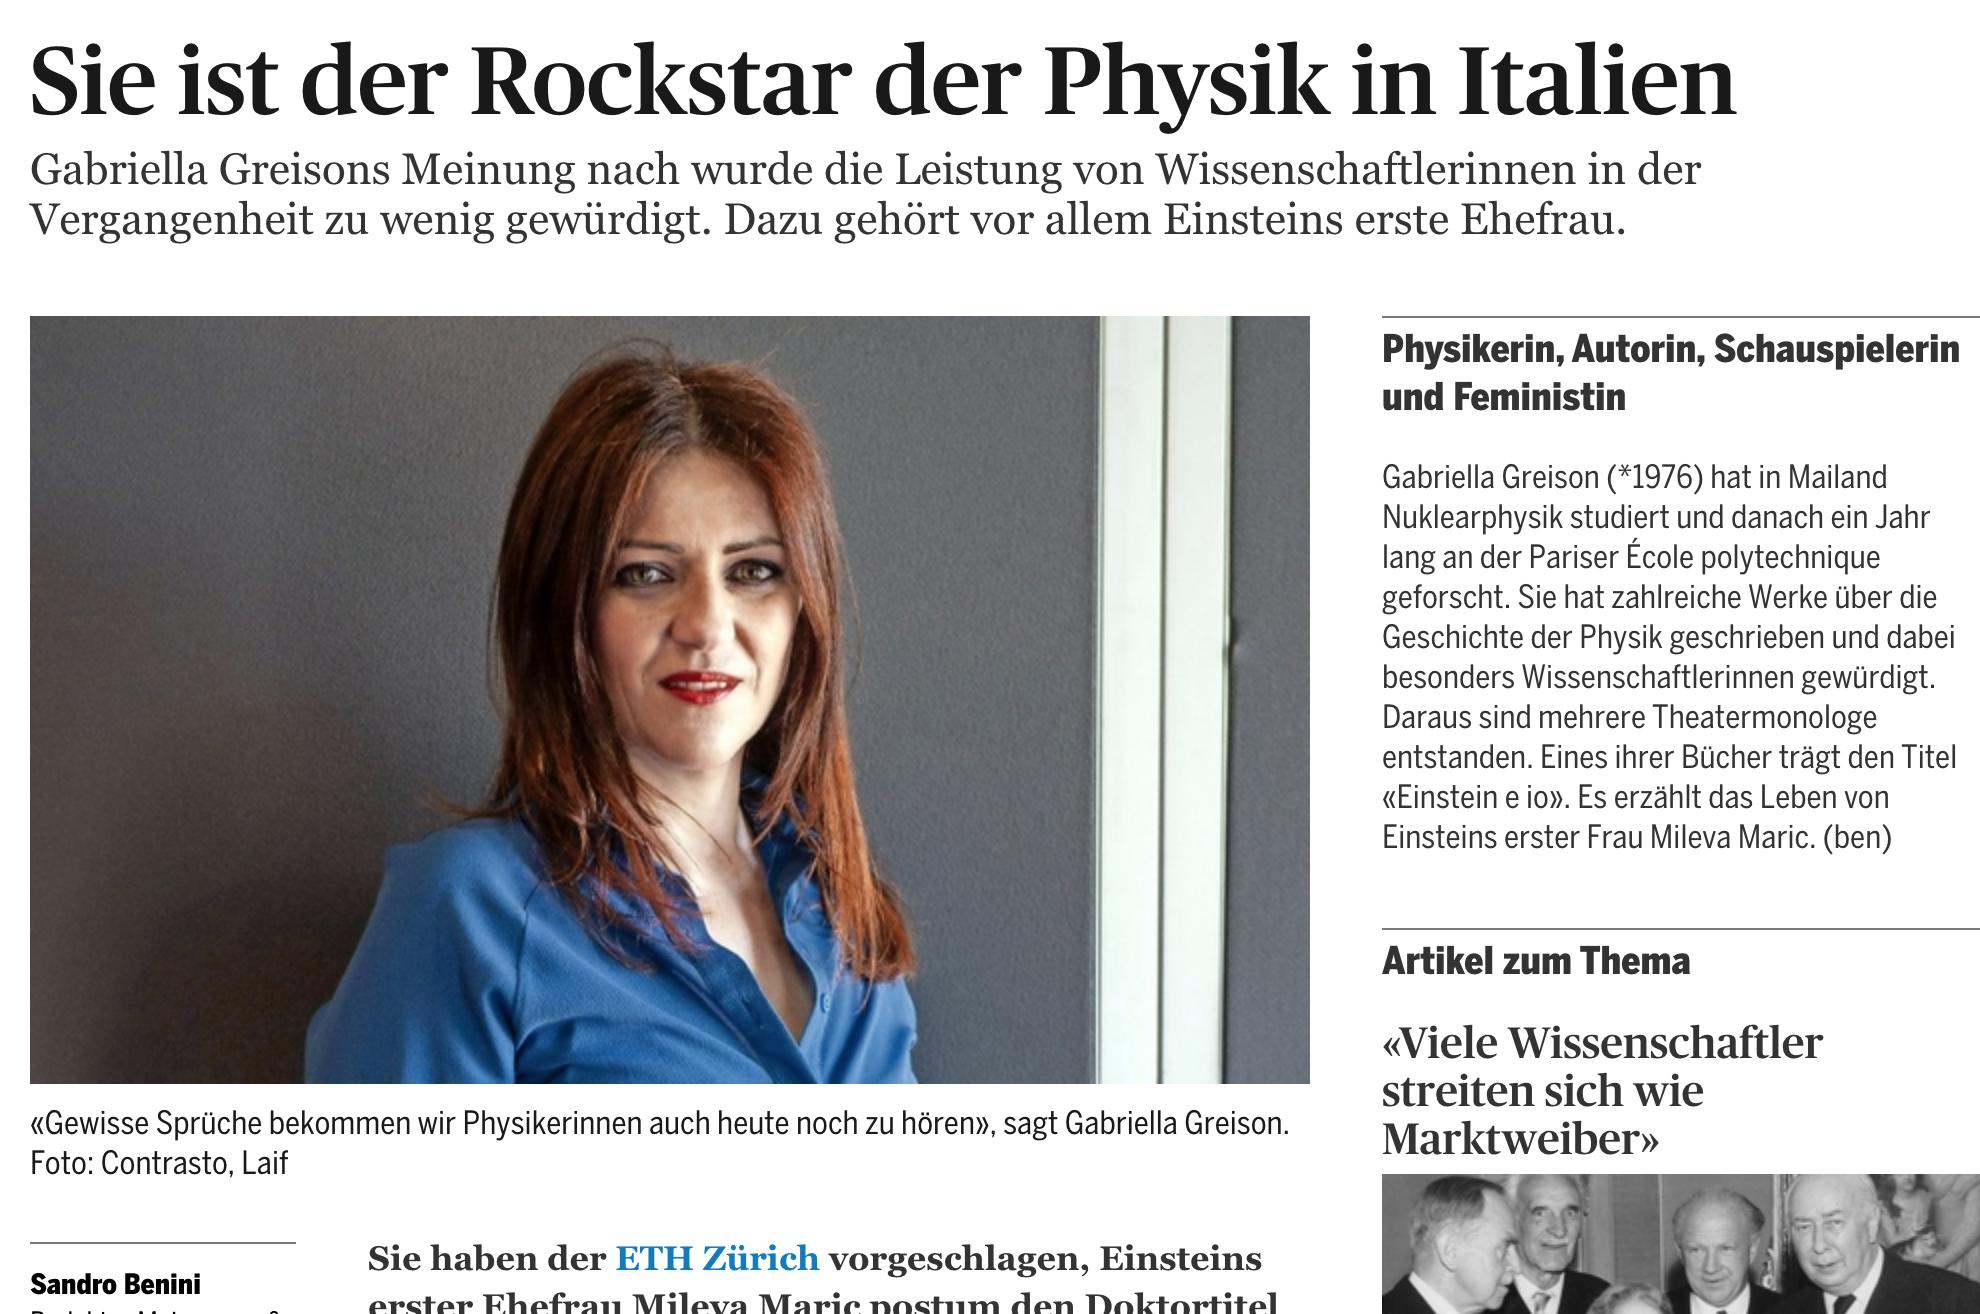 Oggi su TAGES-ANZEIGER hanno pubblicato un'intervista con me, e la mia proposta di attribuire a Mileva Maric una laurea postuma al Politecnico di Zurigo…